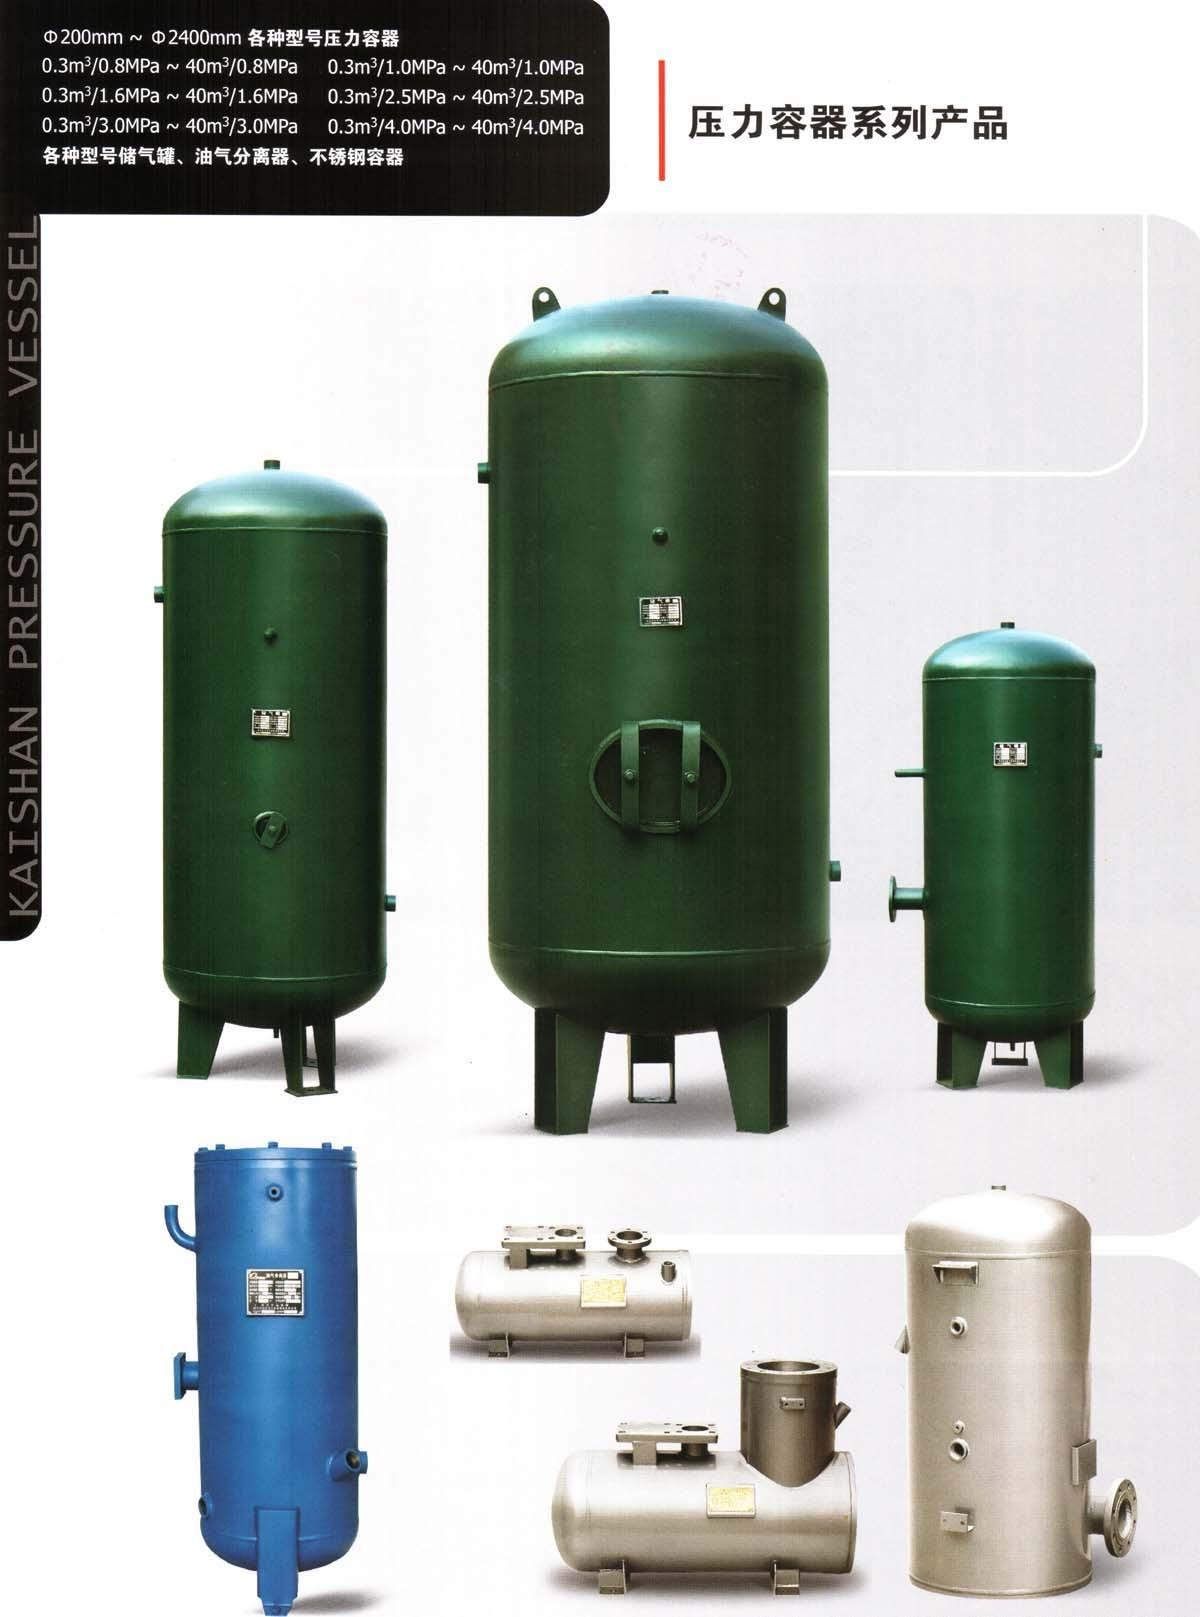 (图)压力容器